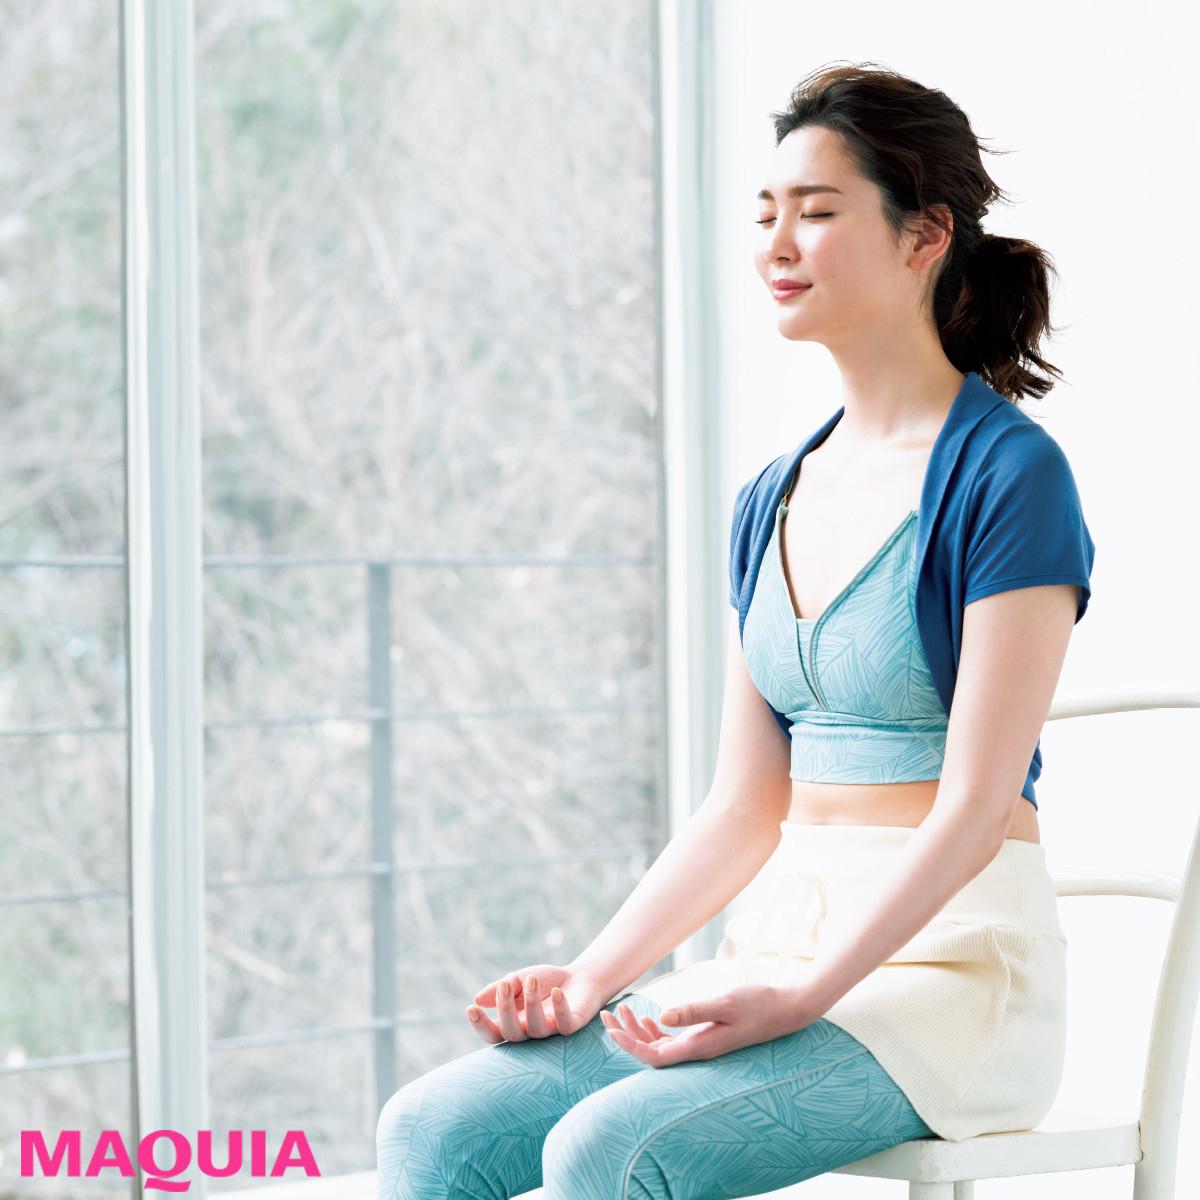 呼吸でお腹周りがコンパクトに!? 「腹ペタ呼吸法」の基本と正しいポーズをレクチャー